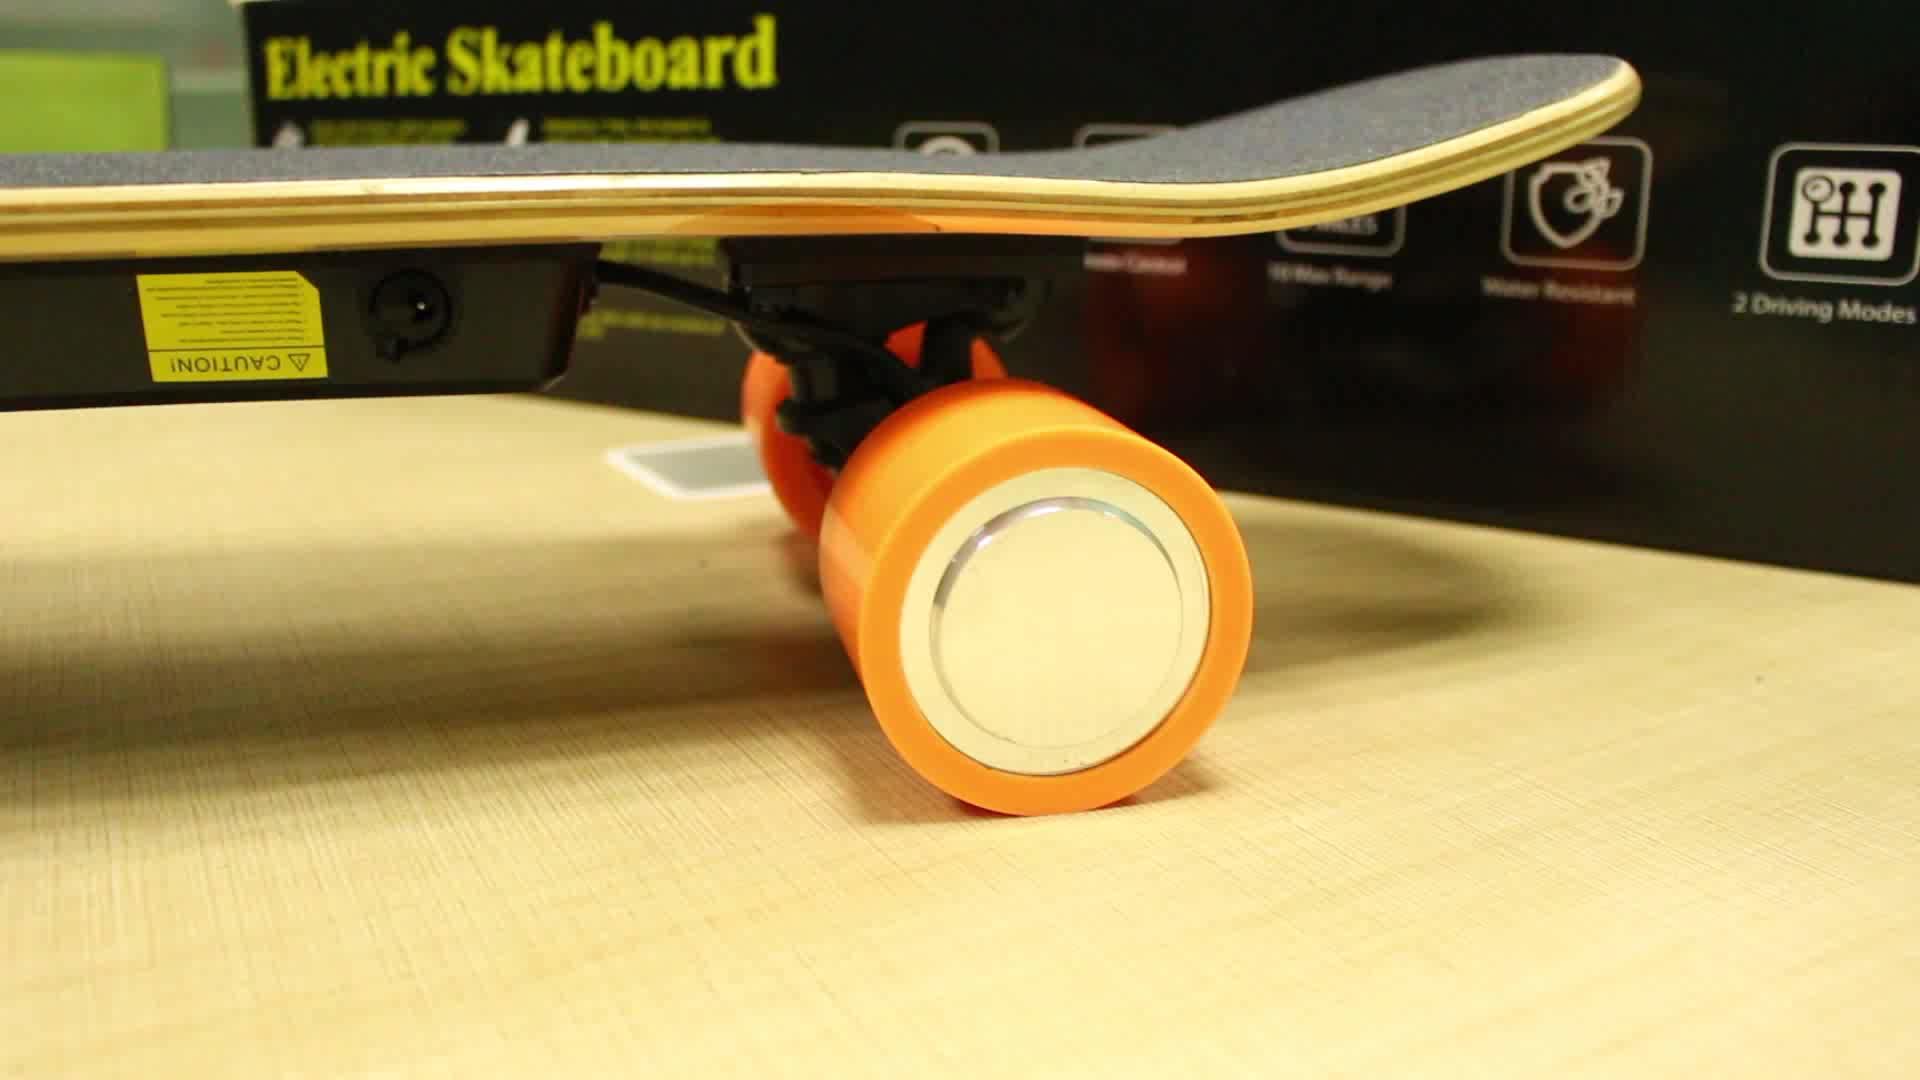 Barato 4 Roda de skate elétrico 2.2A placa de skate pé Price